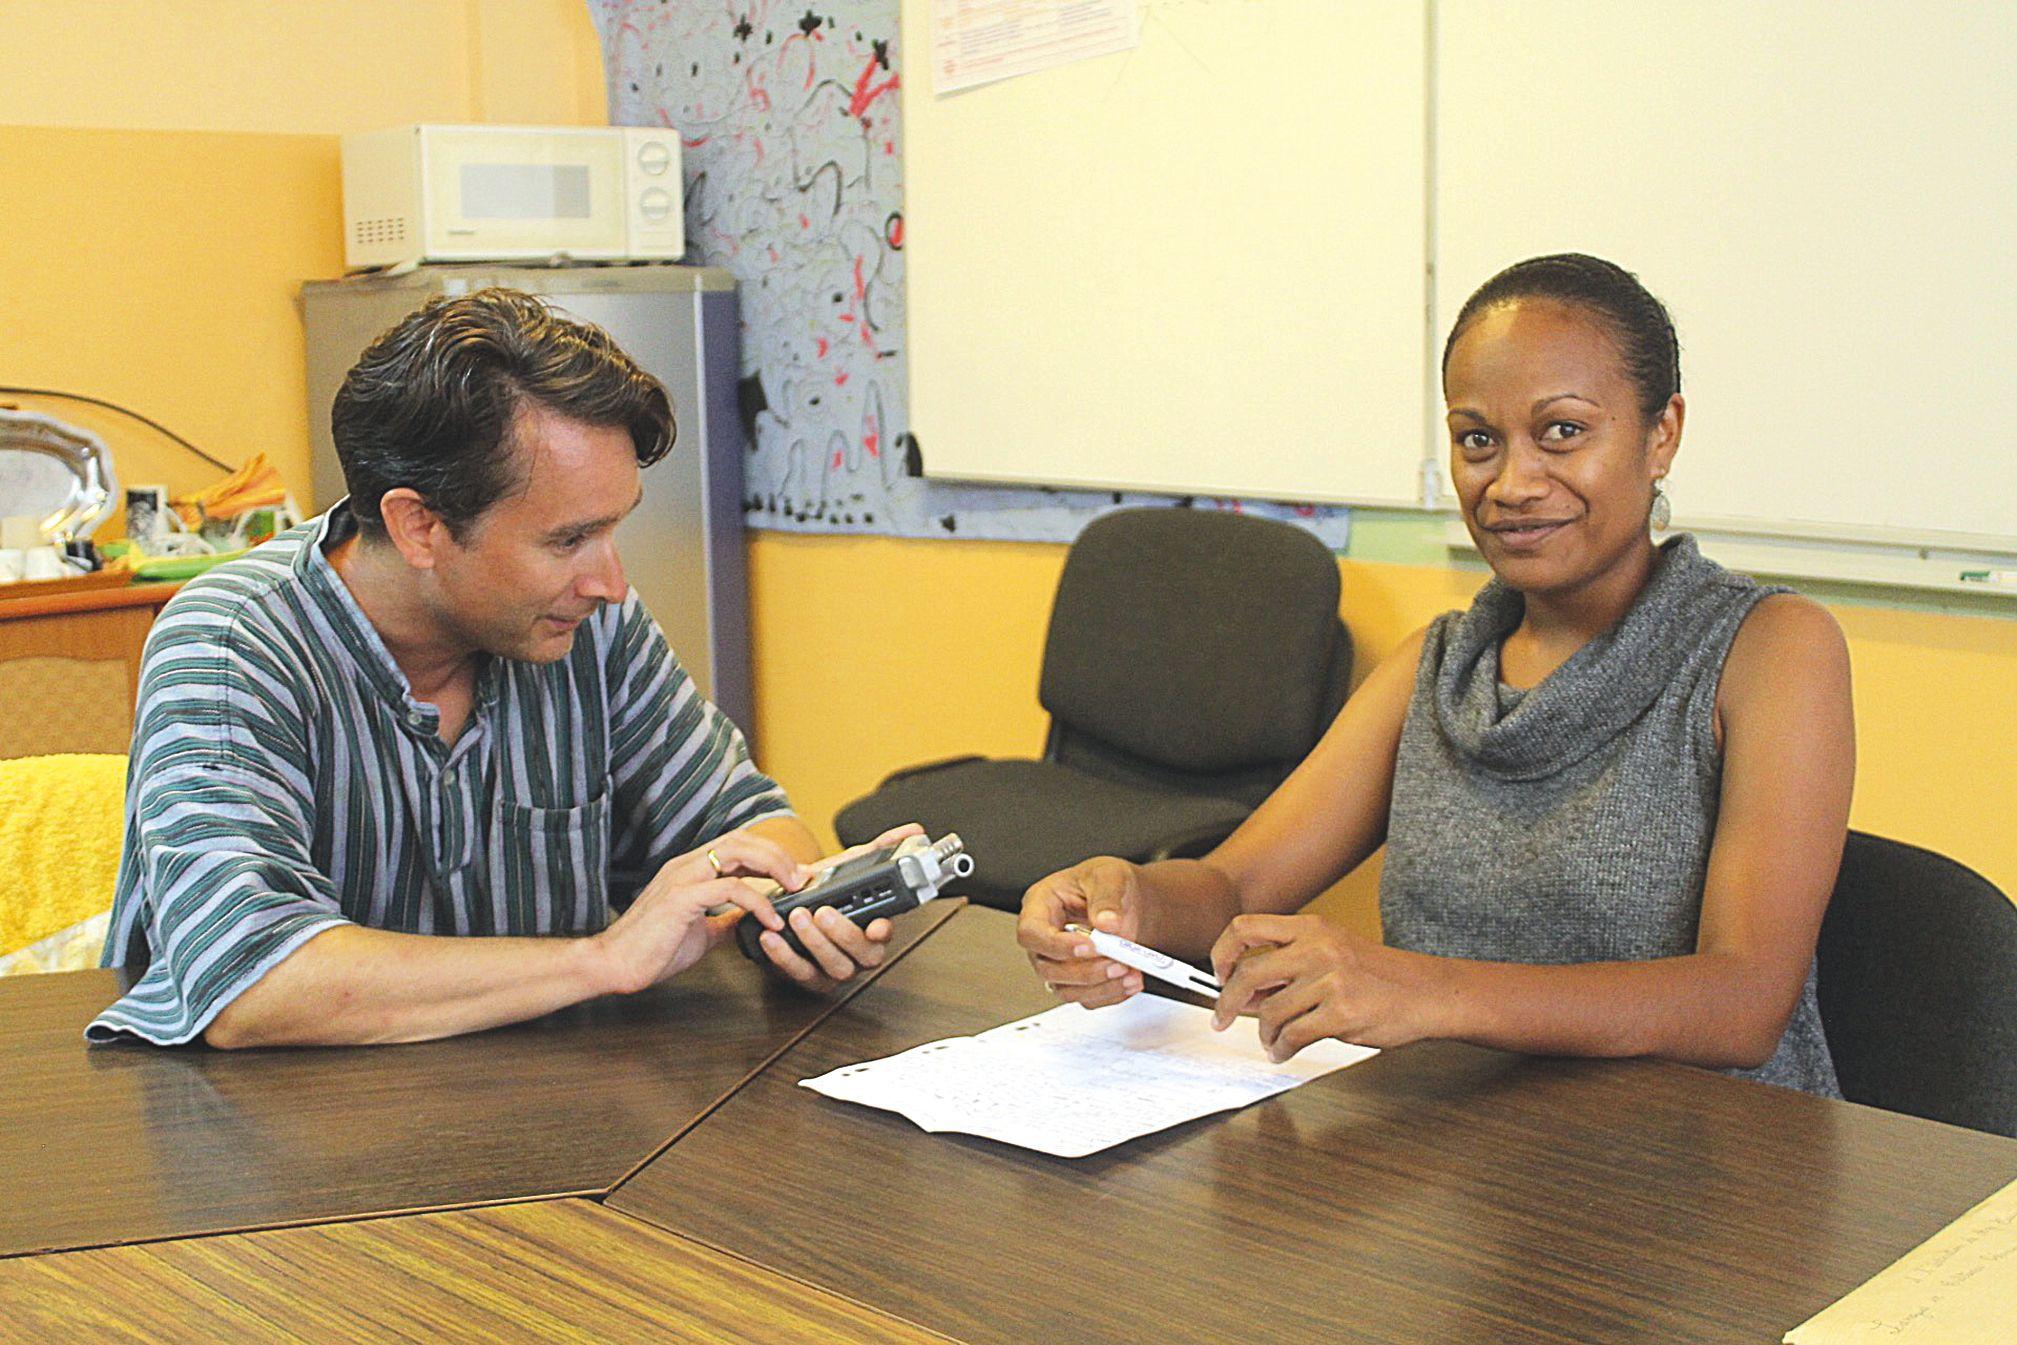 Edwige Douneezek, en 3e année de cursus à l'ENEP est enregistrée par Philippe Boula de Mareüil. Elle lit la fable d'Esope « La bise et le soleil » en pwaamei, la langue parlée à Voh et aux alentours.